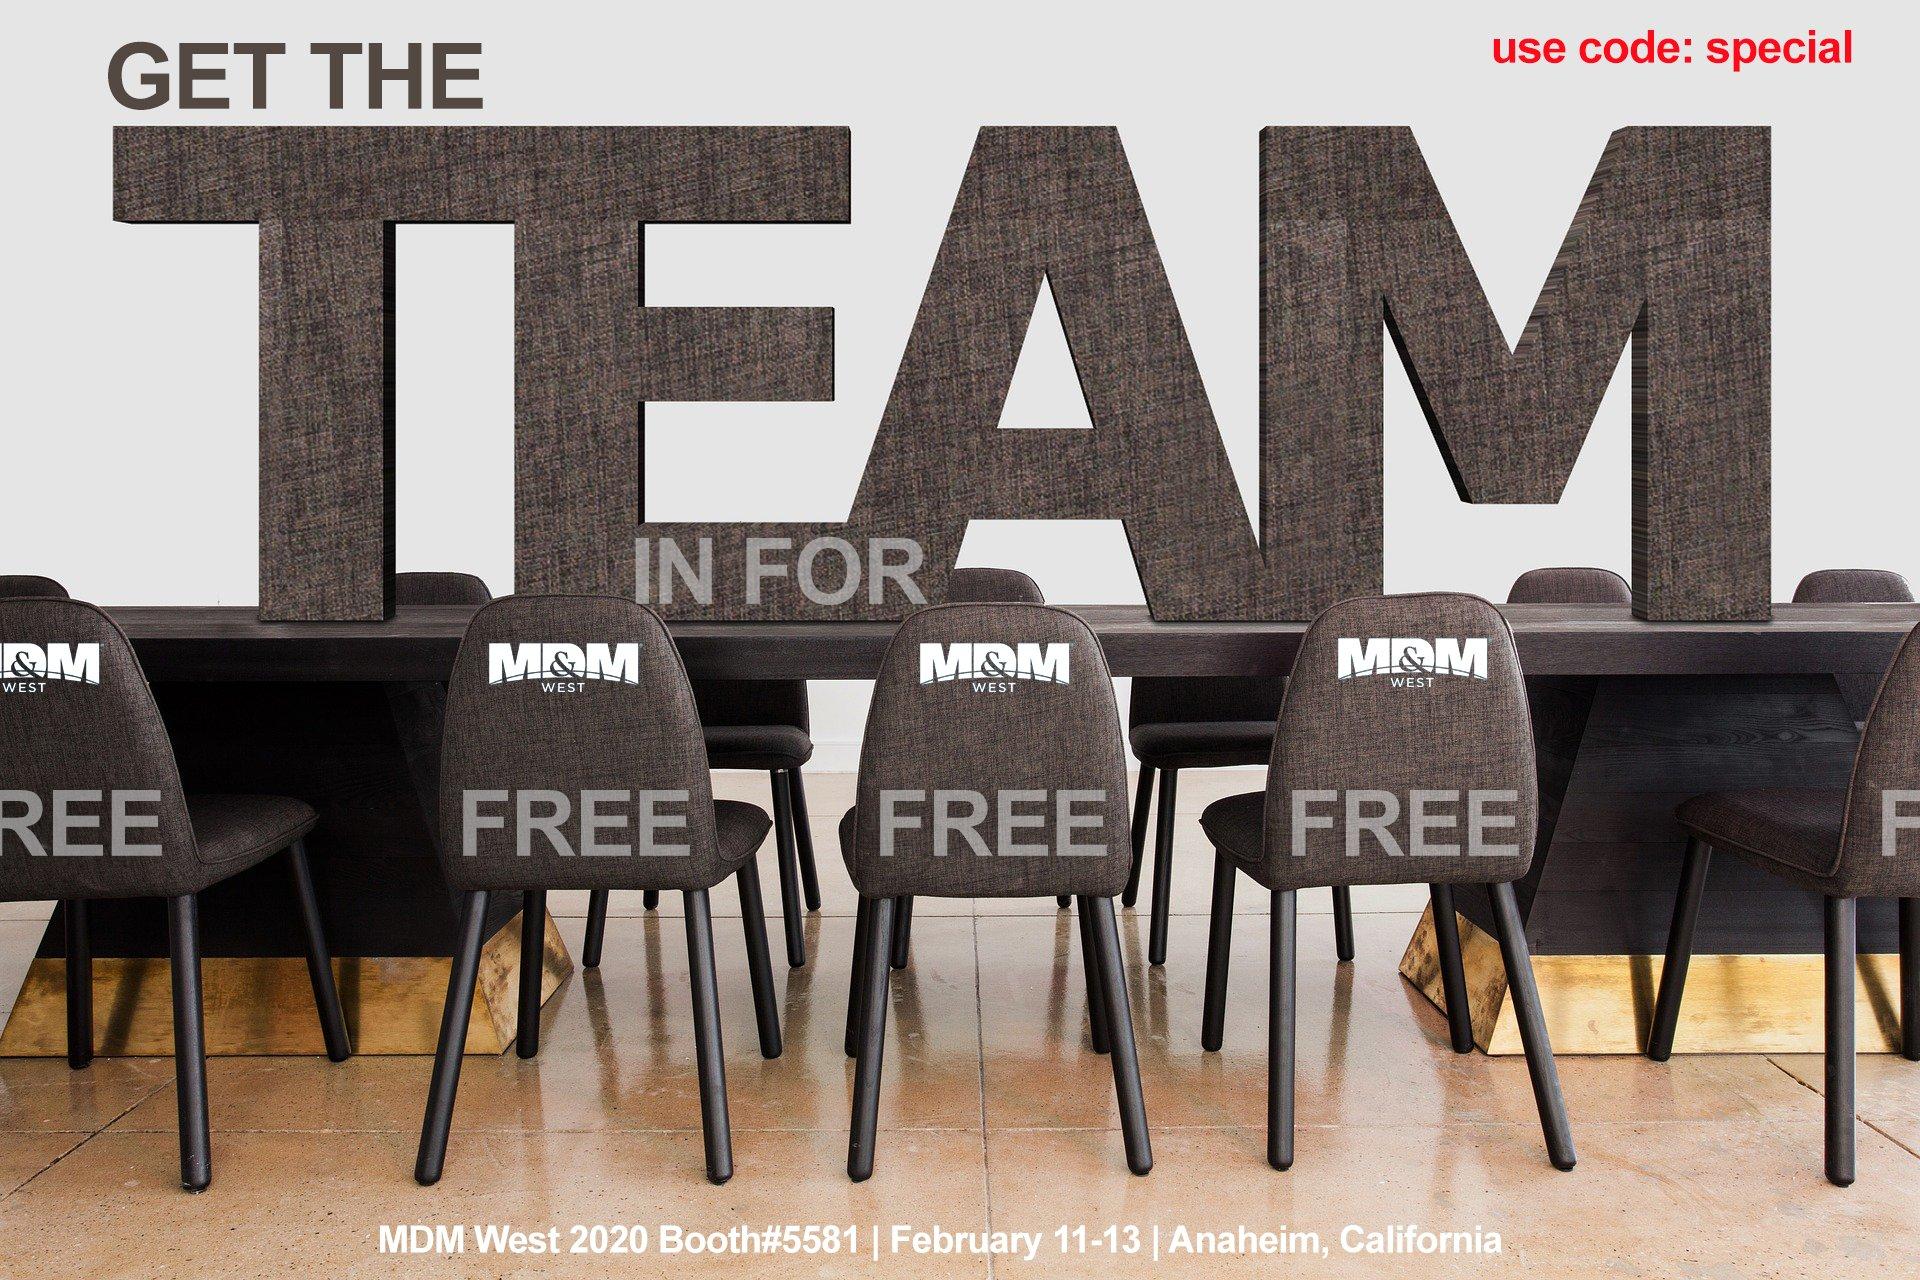 GetTheTeam_Free copy-2